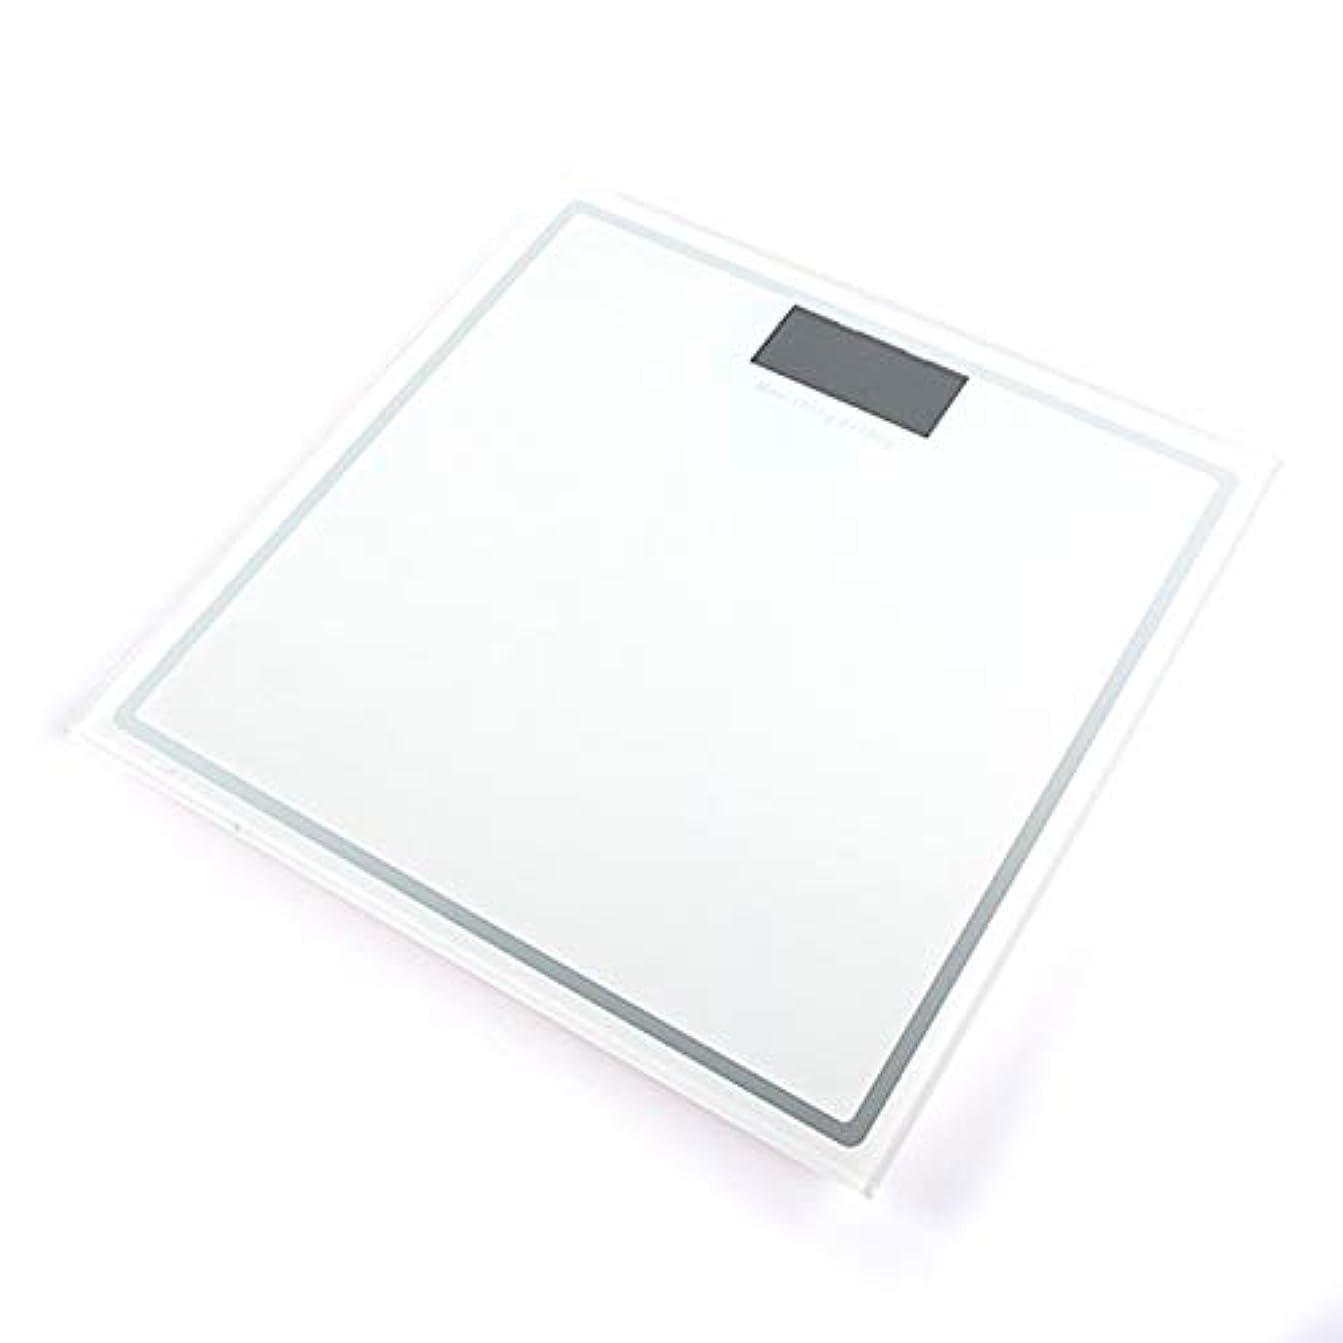 粘液再発する浴室JXSHQS 人間の小さな健康女性脂肪と呼ばれる家庭用の正確な電子体重計成人インテリジェント体脂肪 体脂肪計